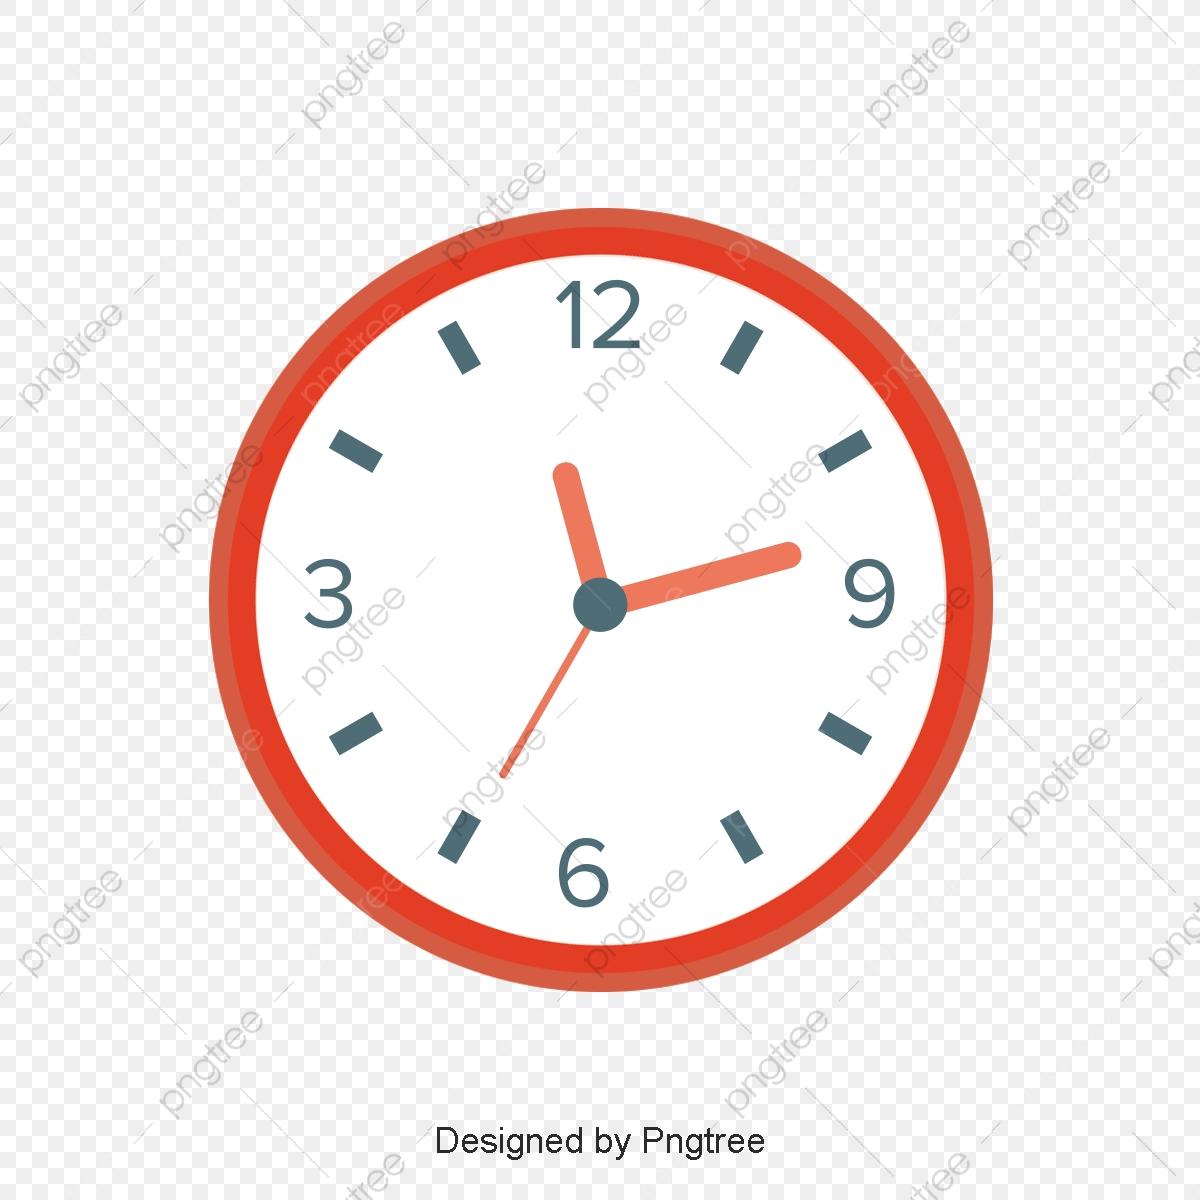 Le Dessin De L'horloge, Le Dessin De L'horloge, La Surface à Dessin D Horloge